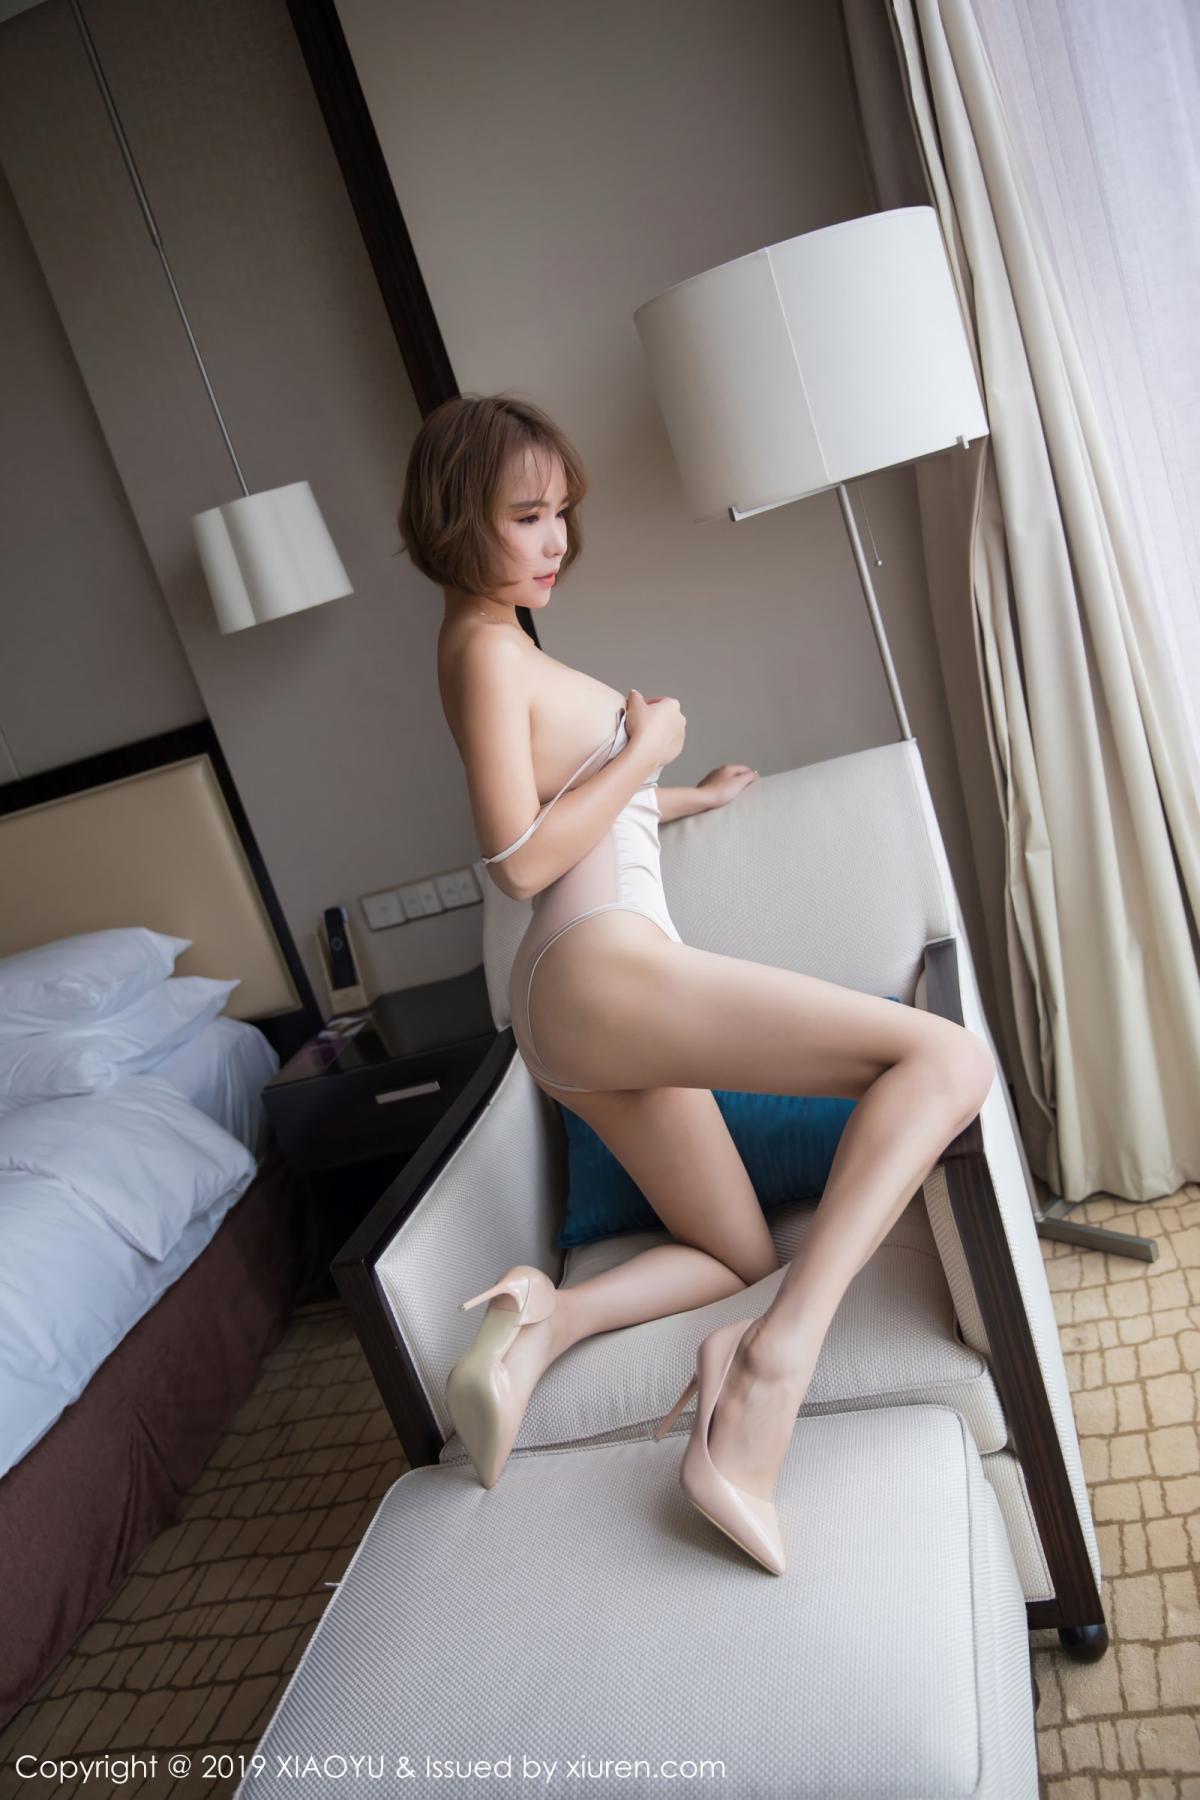 [XiaoYu] Vol.015 Chen Ya Wen 7P, Chen Ya Wen, Sexy, XiaoYu